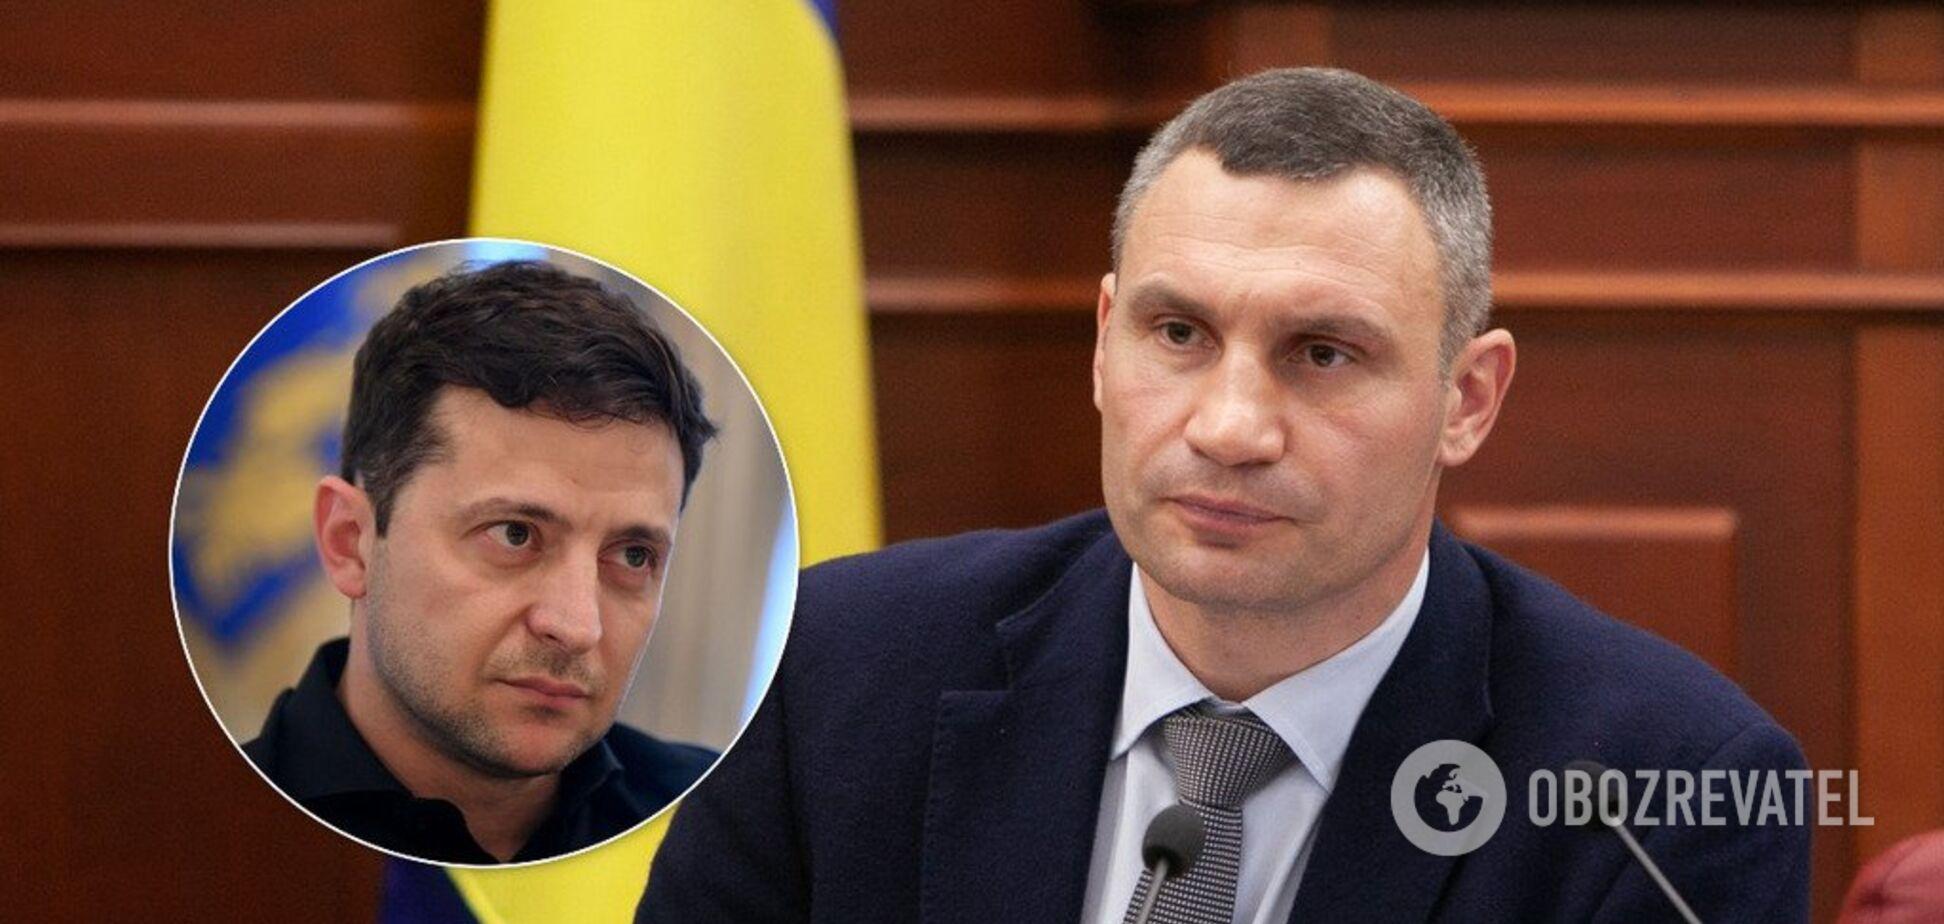 Увольнение Кличко: у Зеленского пошли на радикальные меры. Документ